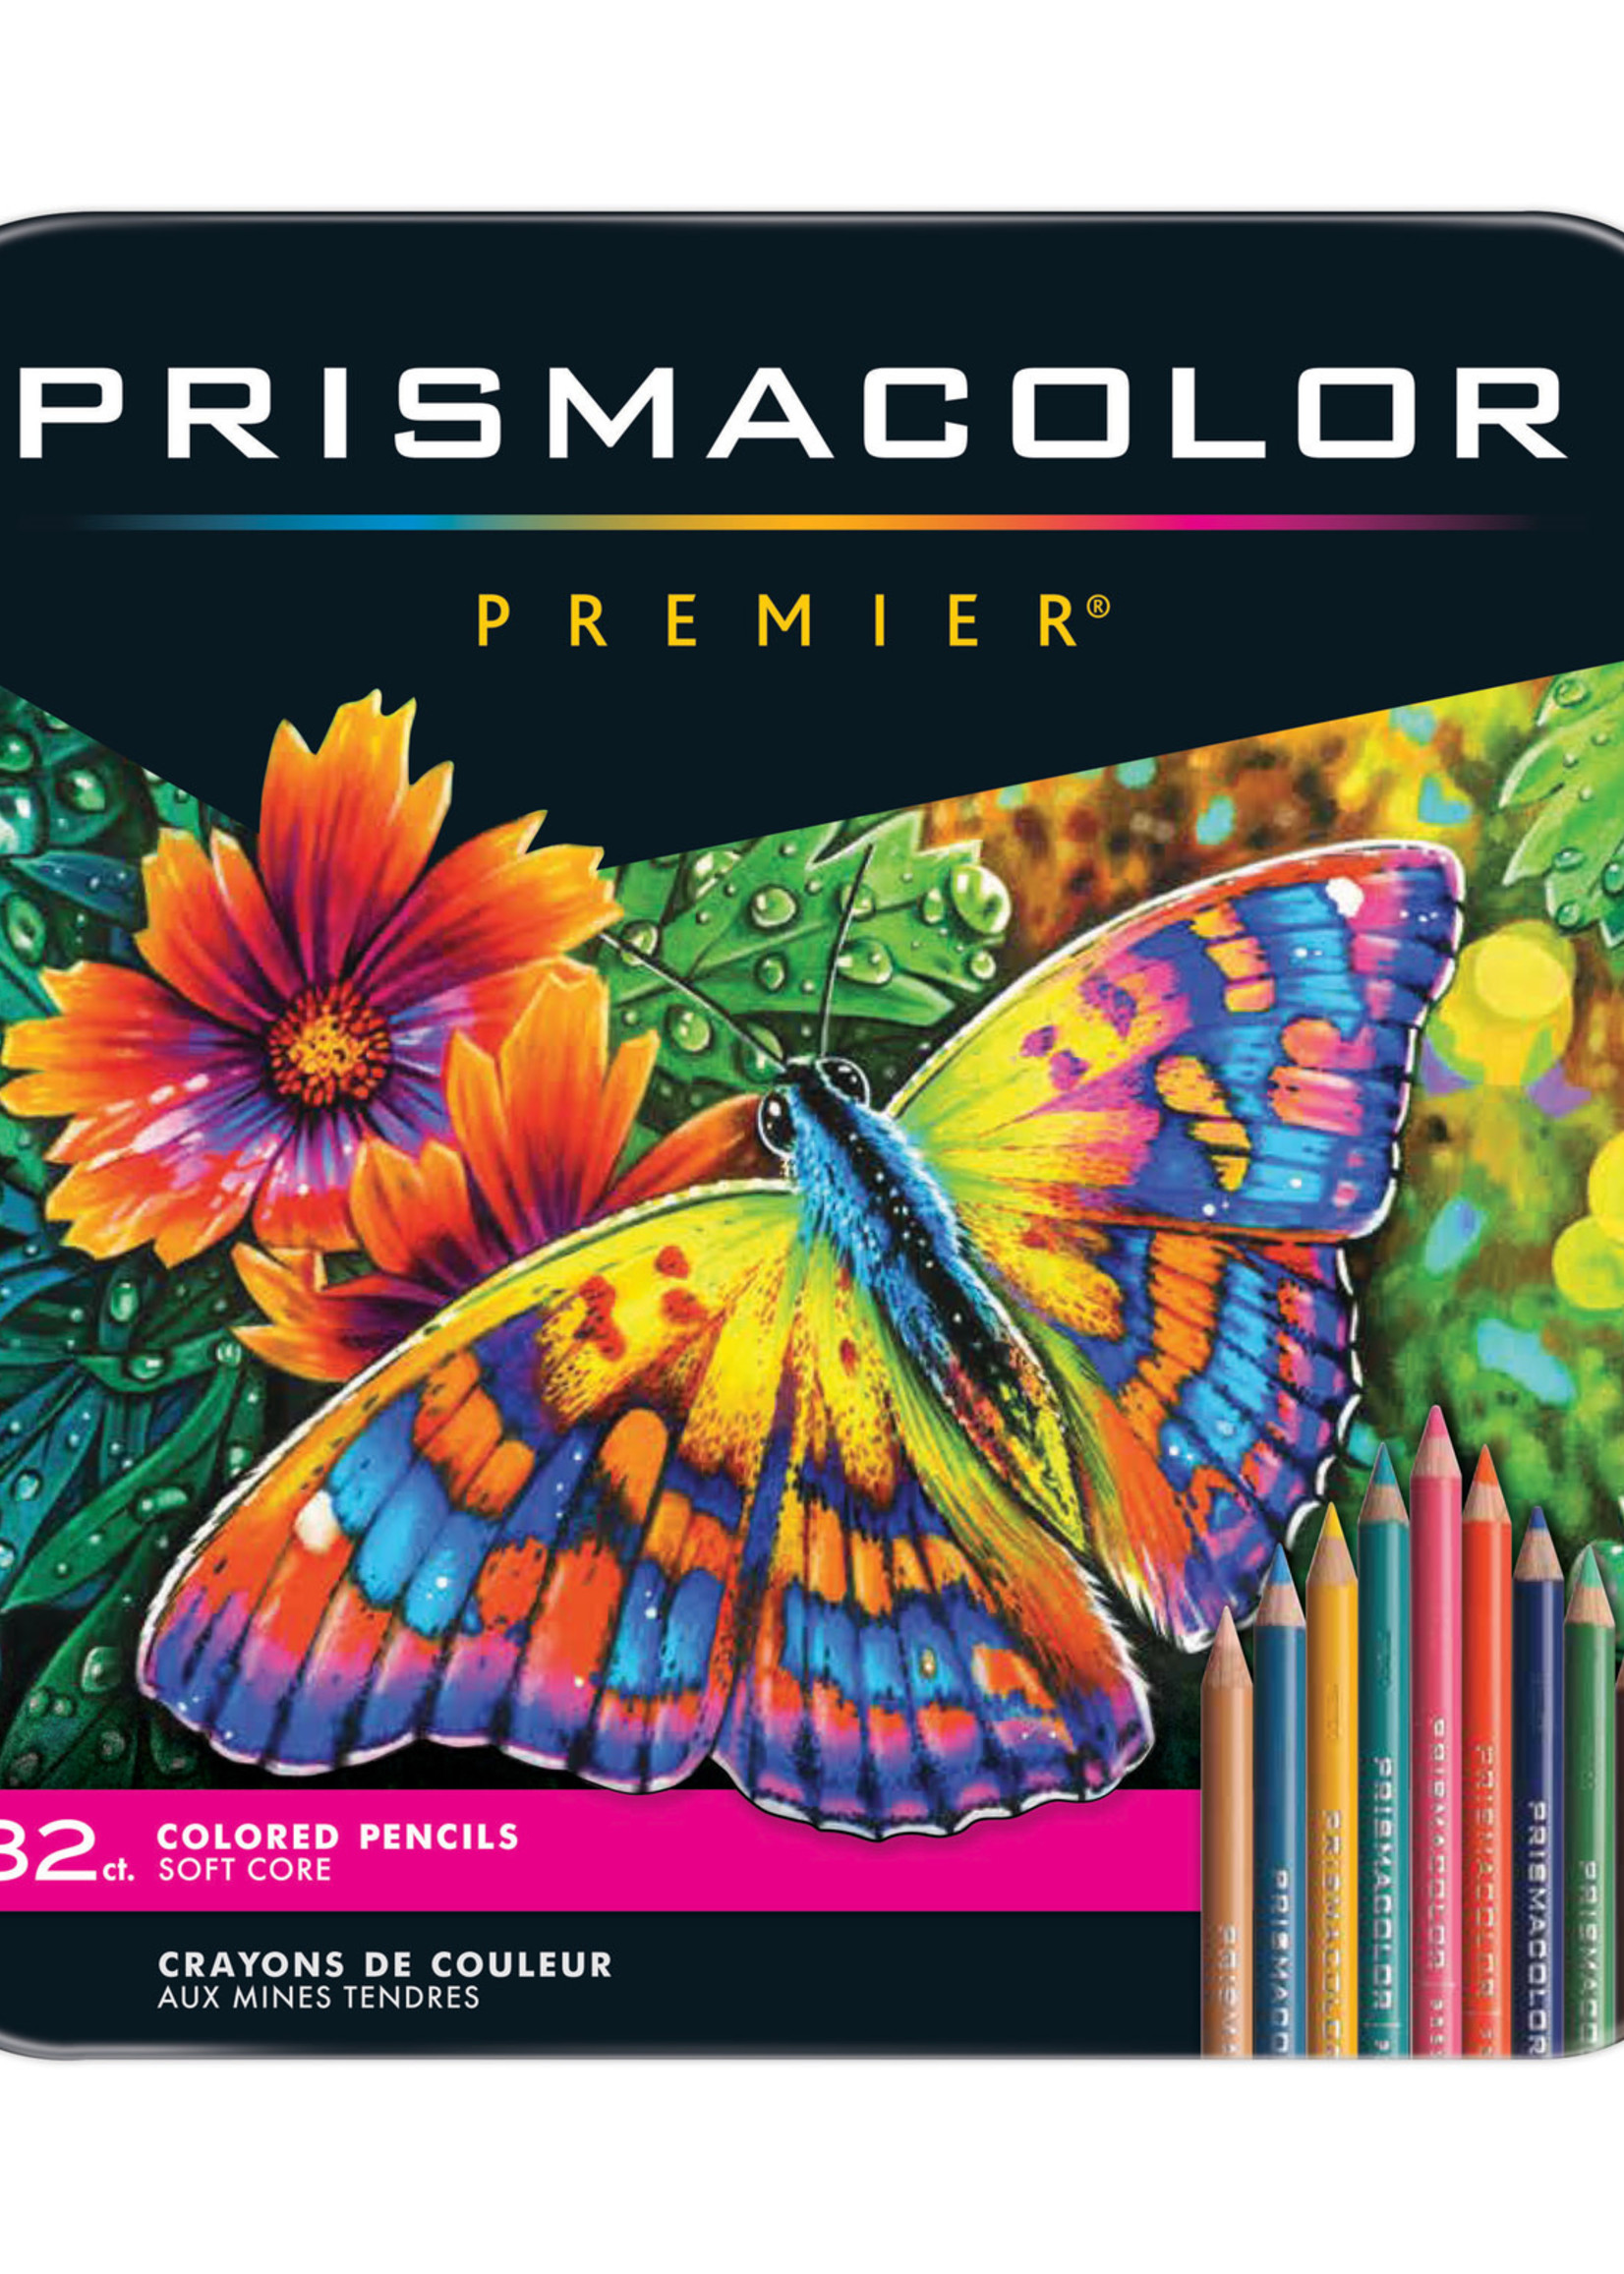 PRISMACOLOR PRISMACOLOR PREMIER COLORED PENCILS (TIN SETS)